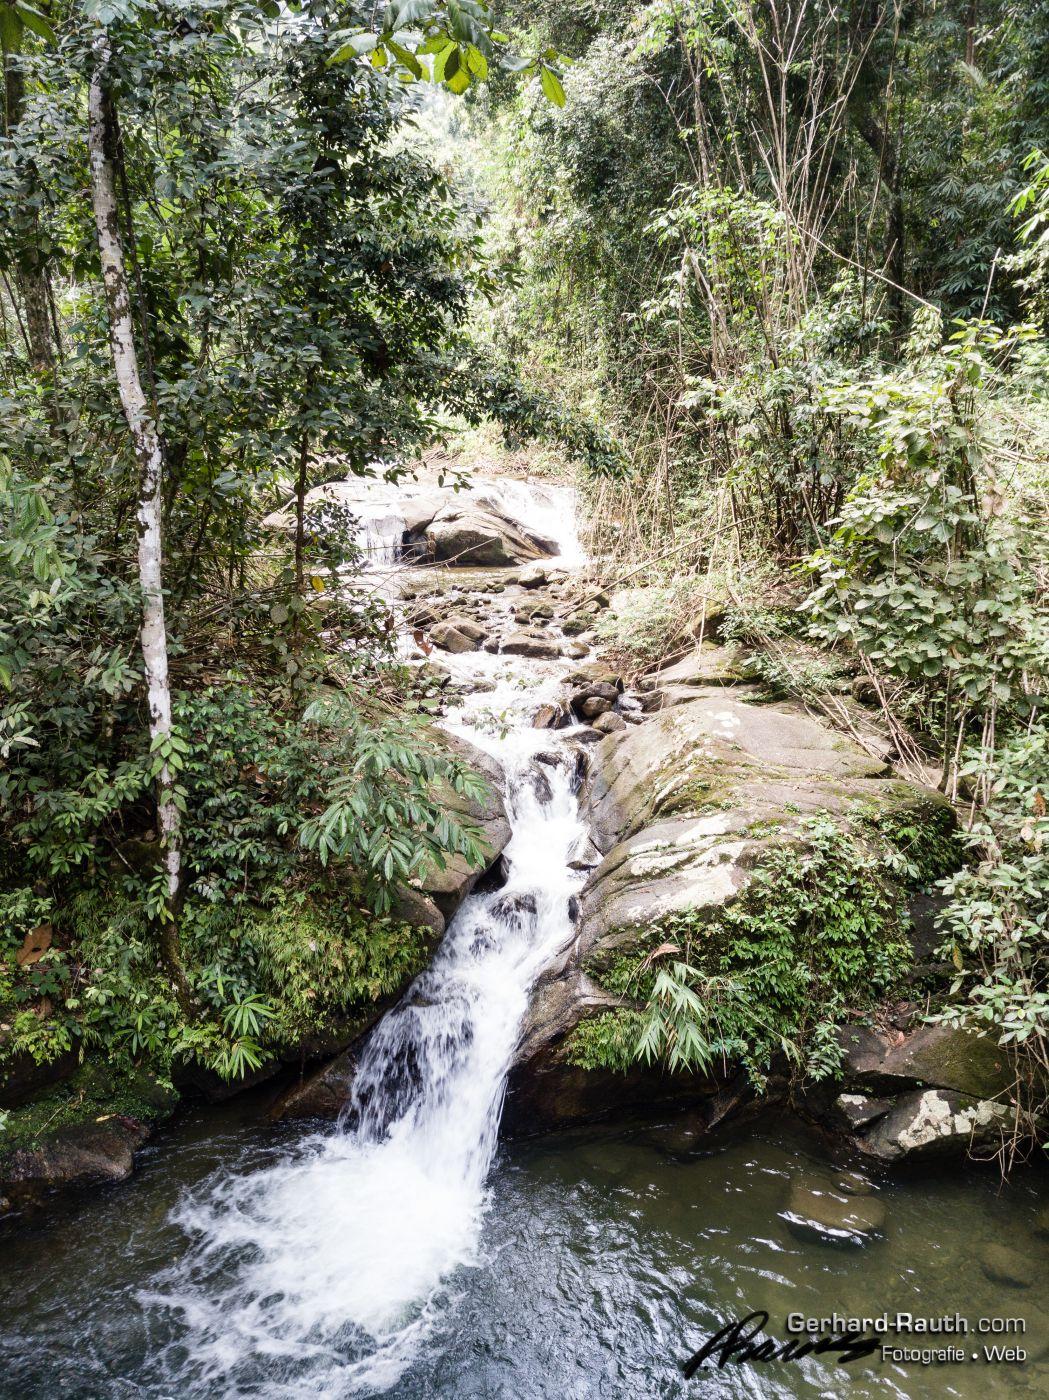 Ton Chong Fa Waterfalls, Thailand